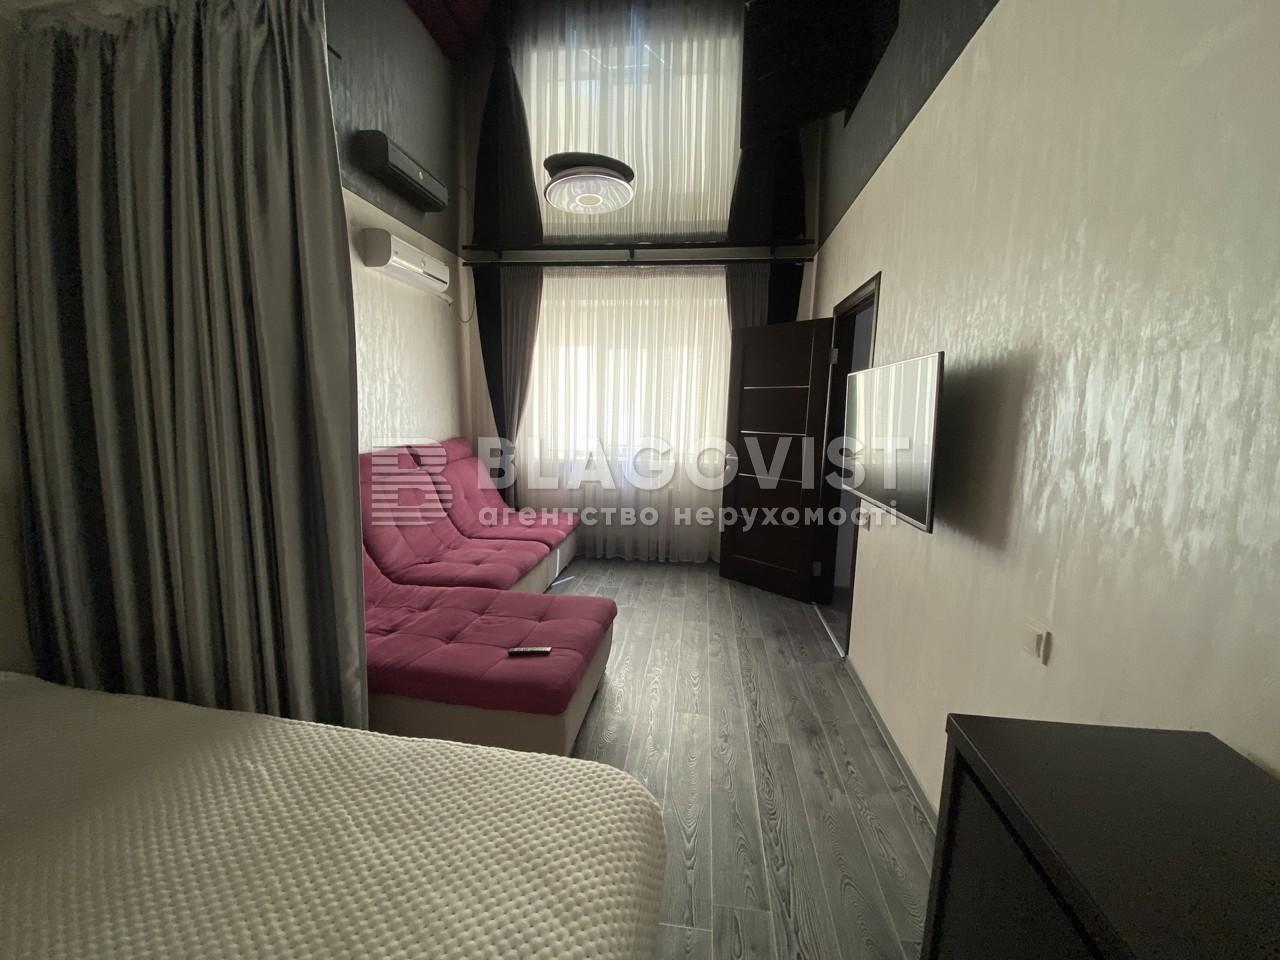 Квартира R-39092, Павла Чубинского, 2, Софиевская Борщаговка - Фото 6